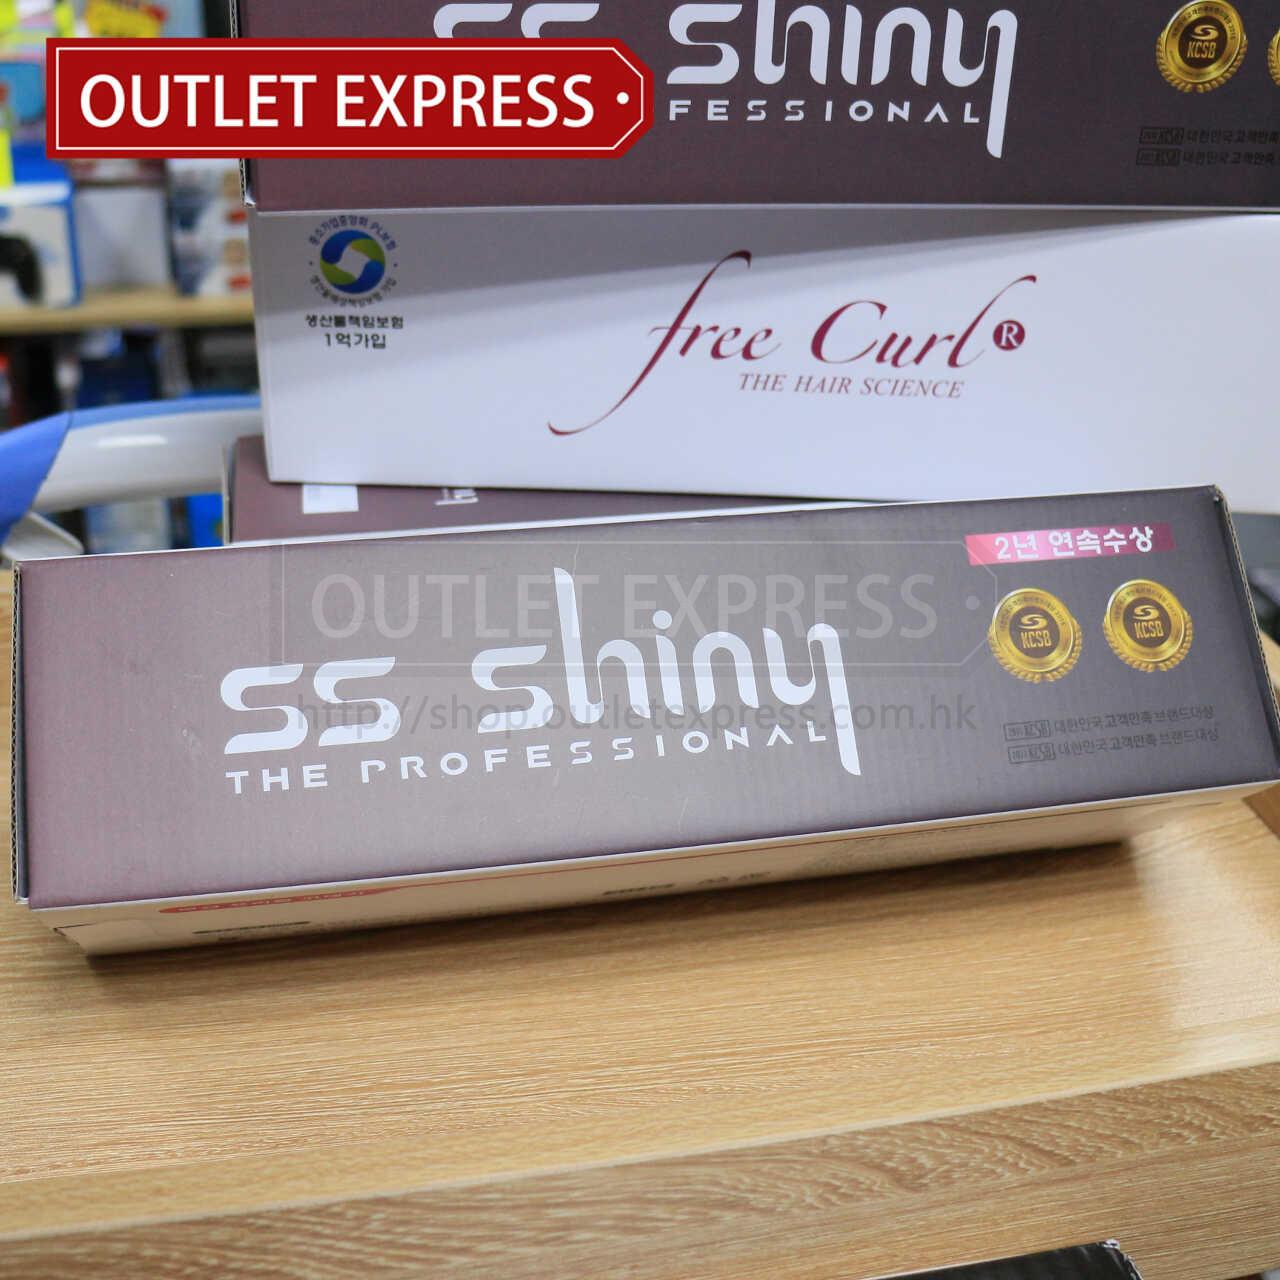 韓國SS Shiny Free curl USB充電無線捲髮器 包裝盒- Outlet Express HK生活百貨城實拍相片